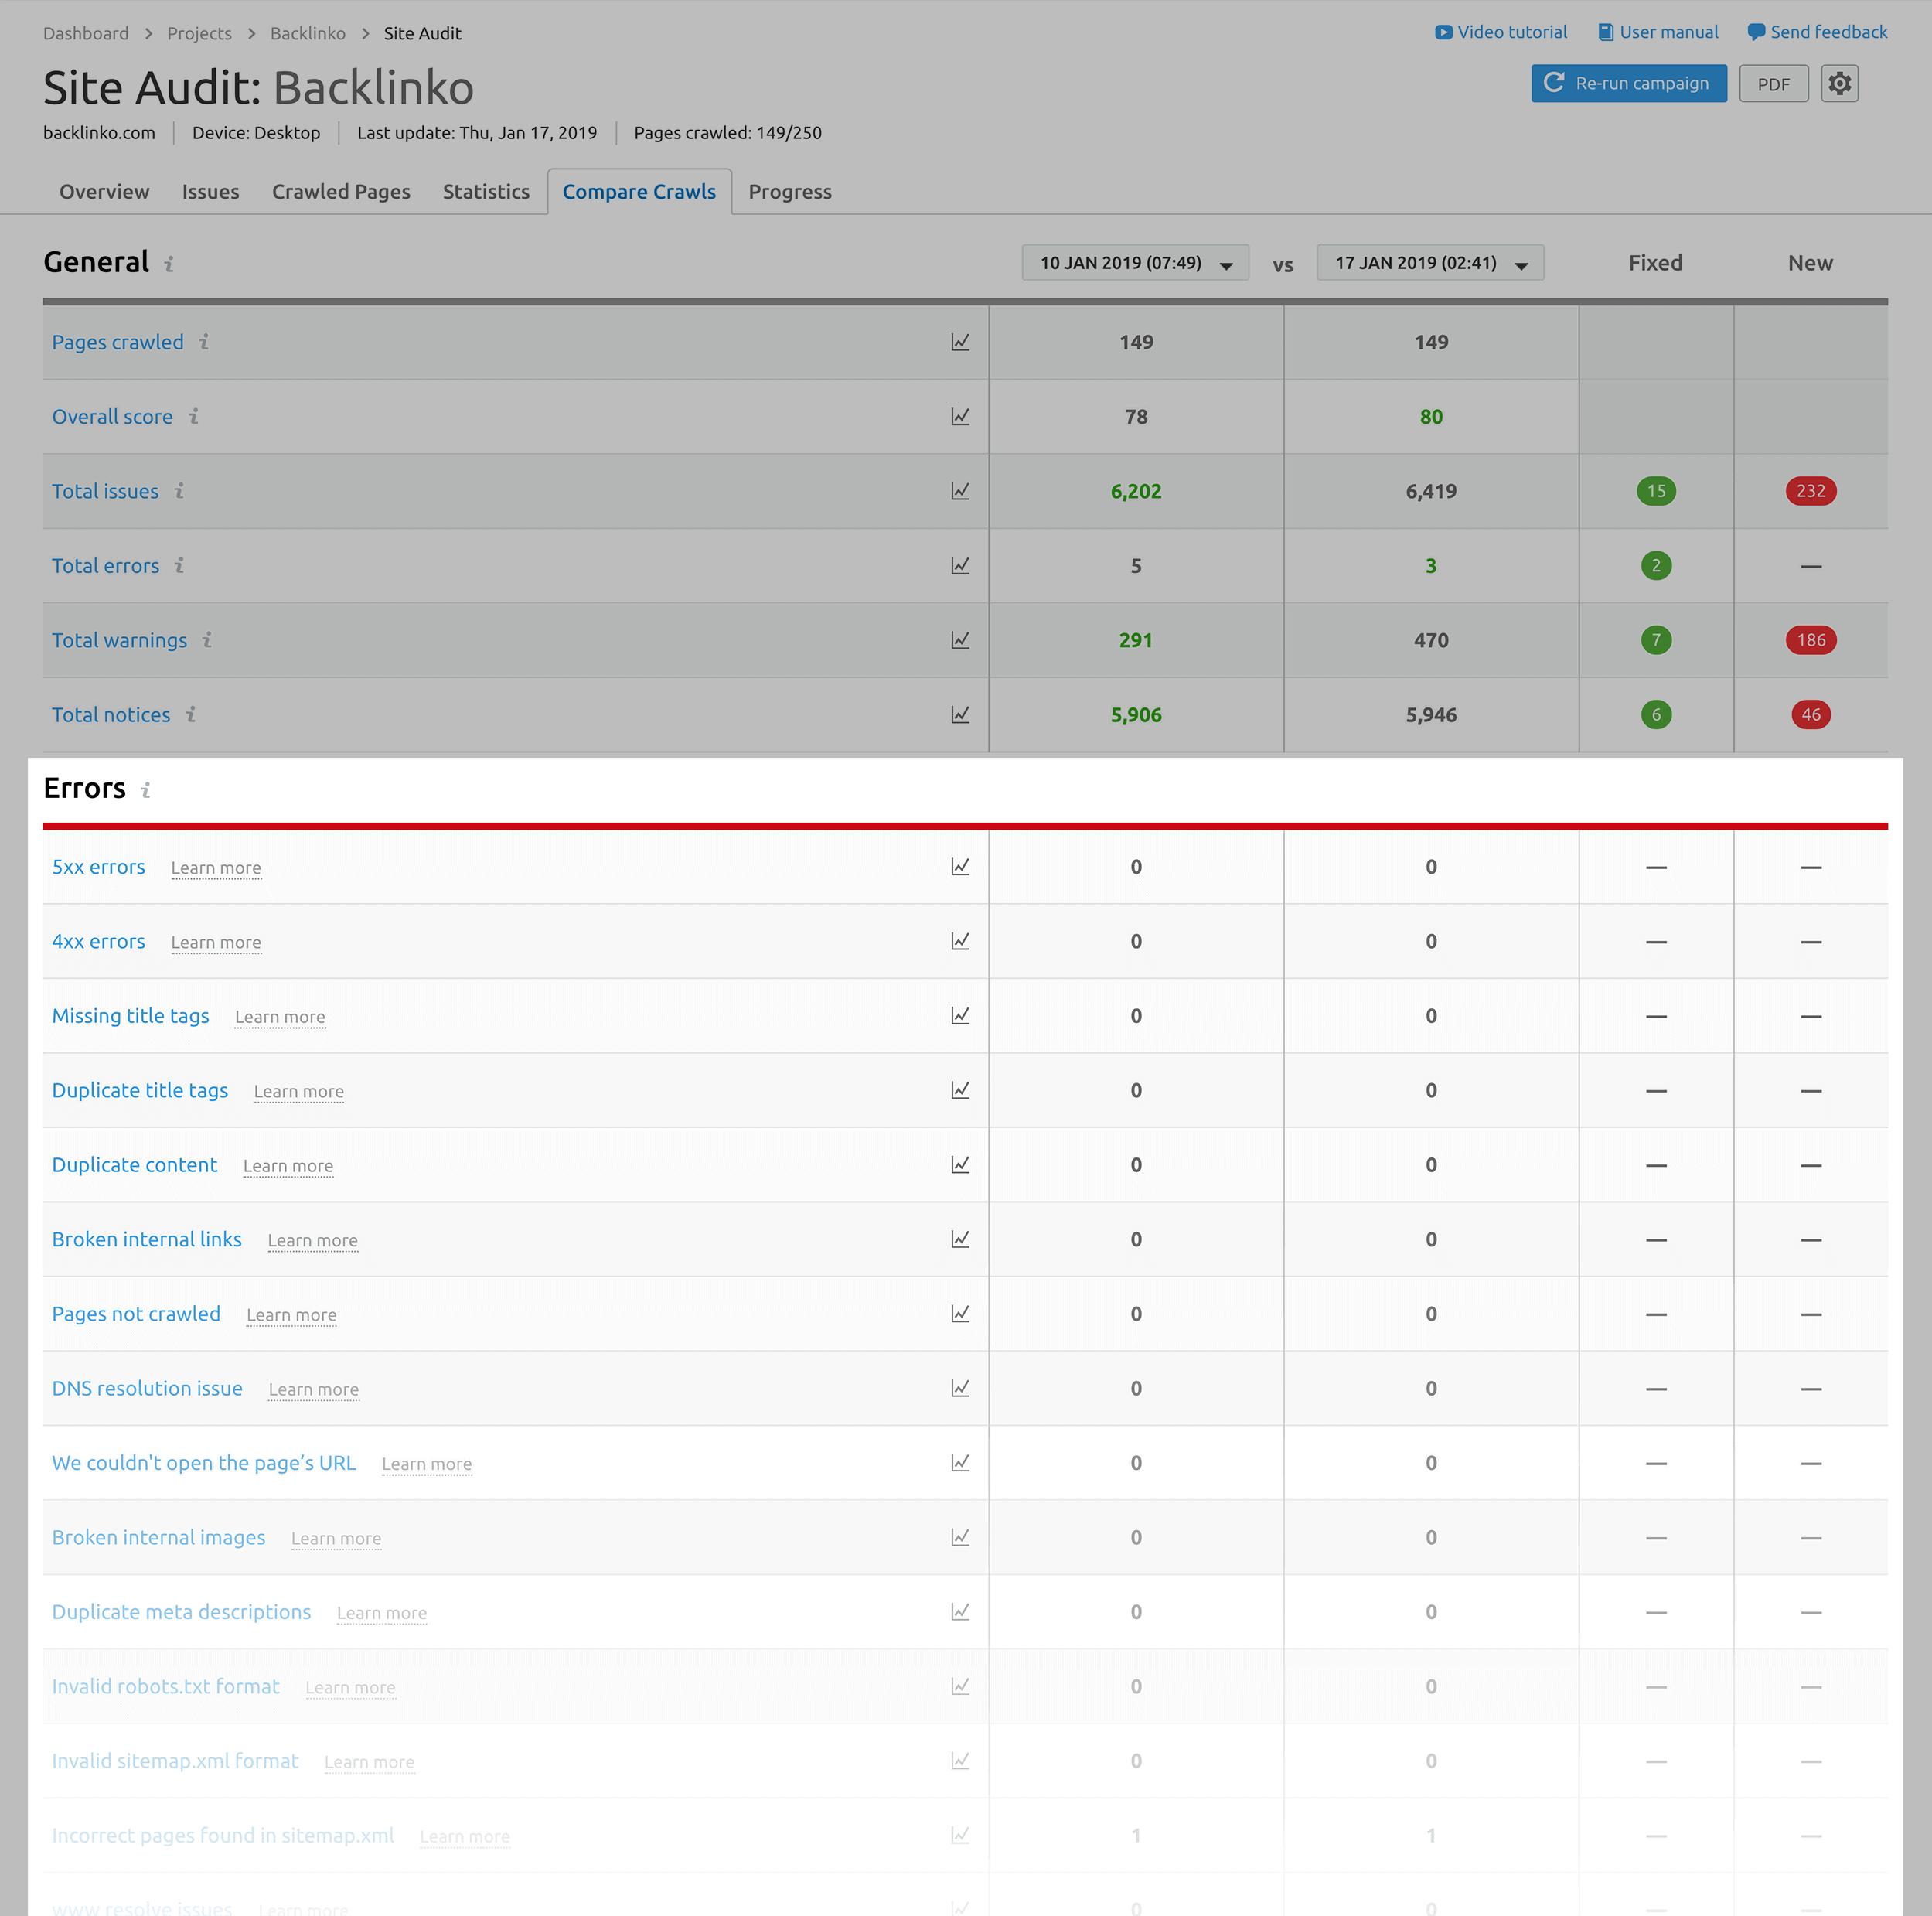 SEMRush: errori di visualizzazione del controllo del sito